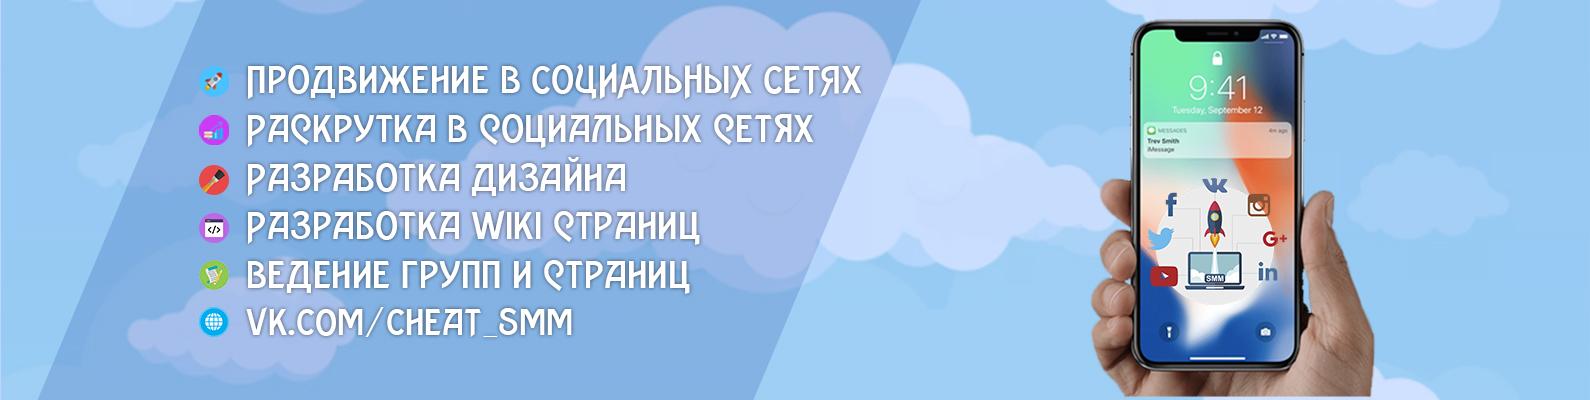 284a5f2023797455844d4d86bf906aa7.jpg